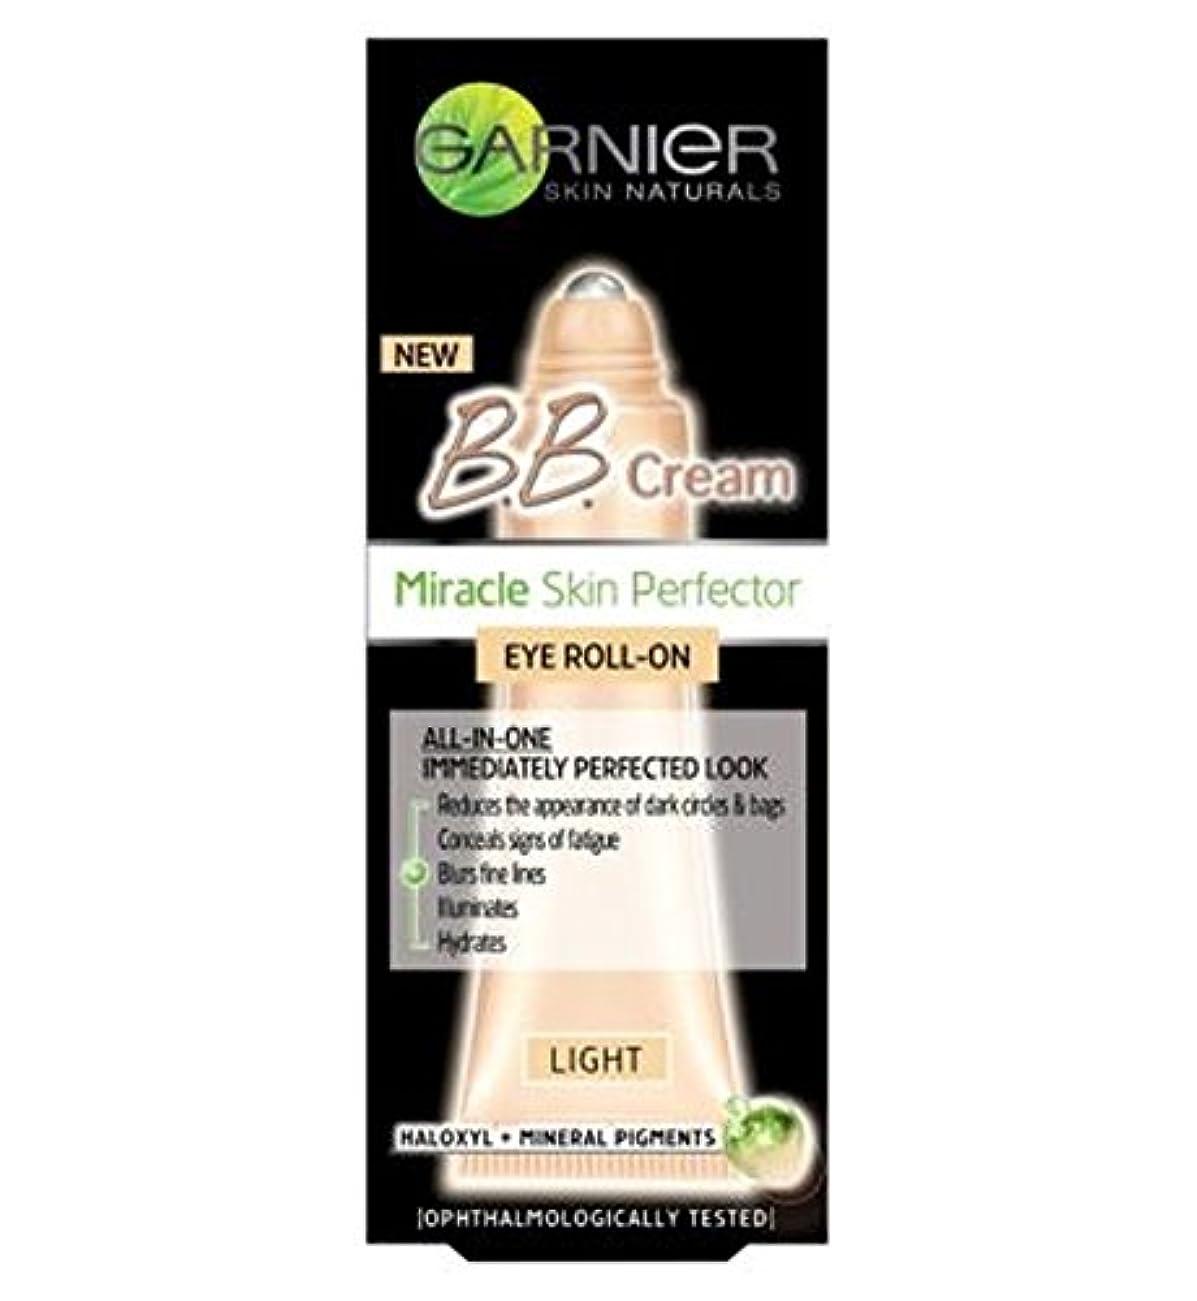 担当者カスケードミュートガルニエ皮膚ナチュラルBbクリームスキンパーフェクアイロールオン光7ミリリットル (Garnier) (x2) - Garnier Skin Naturals BB Cream Skin Perfector Eye Roll-On...